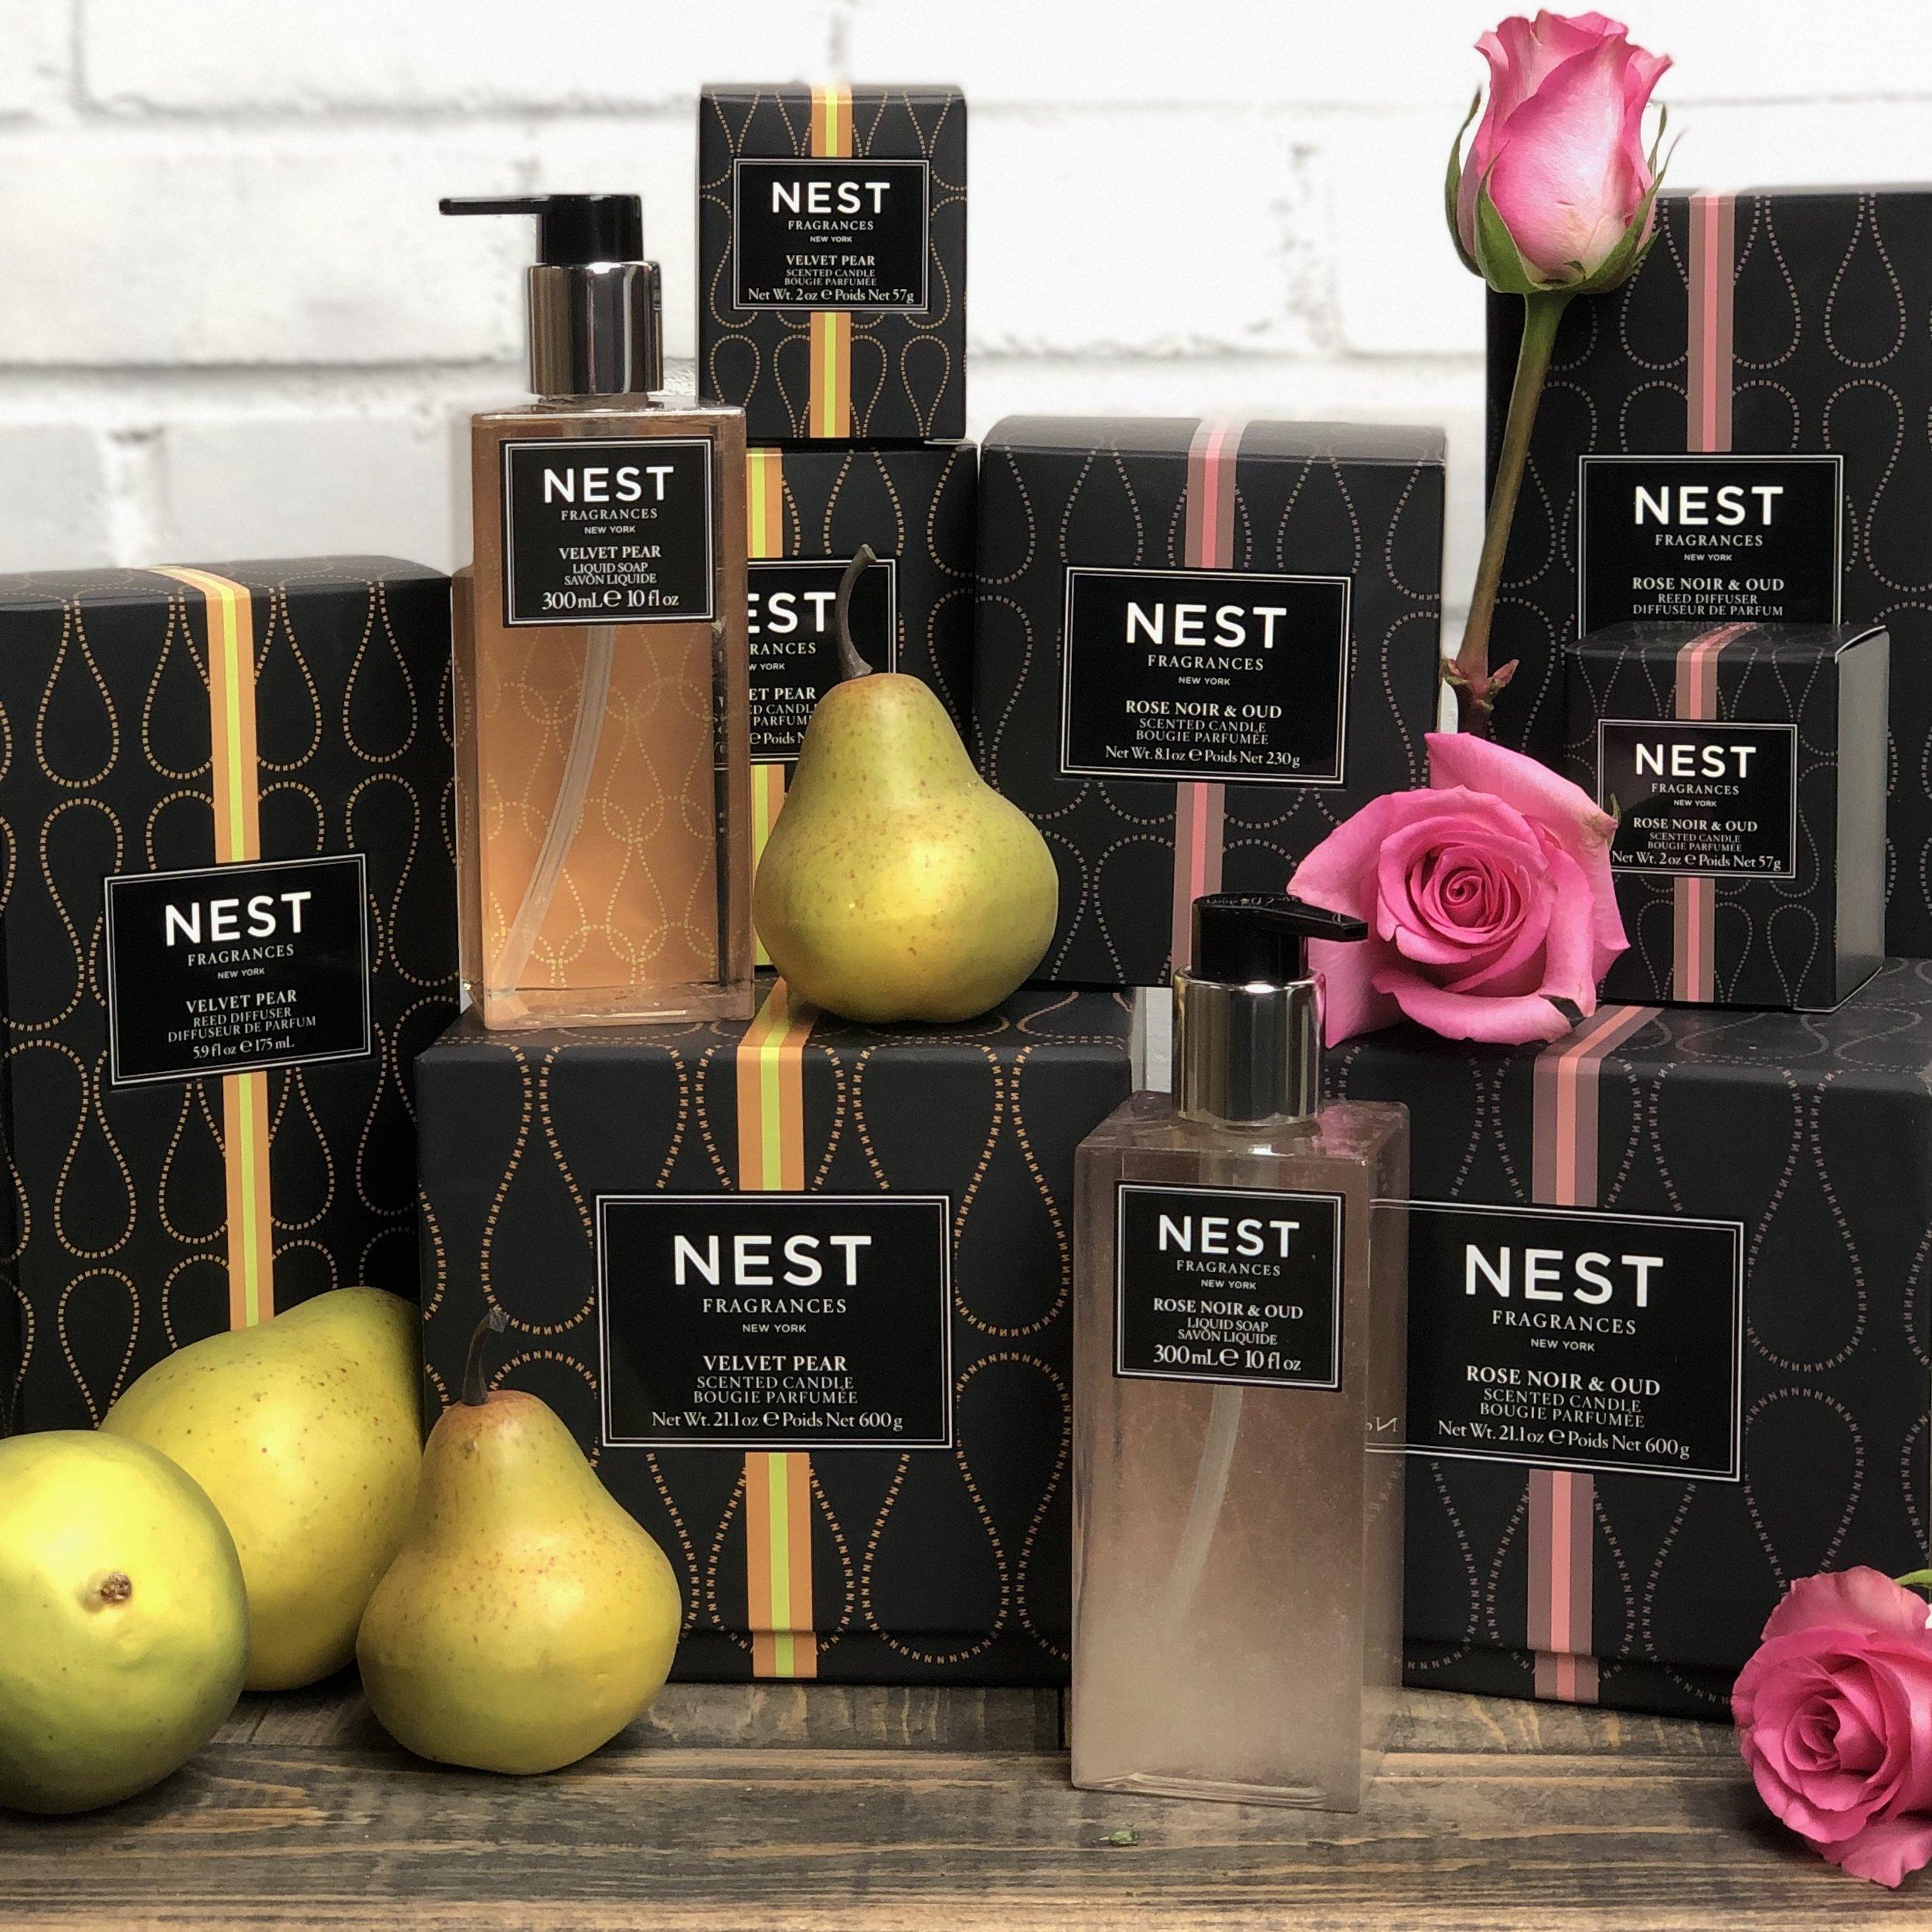 nest new.jpg